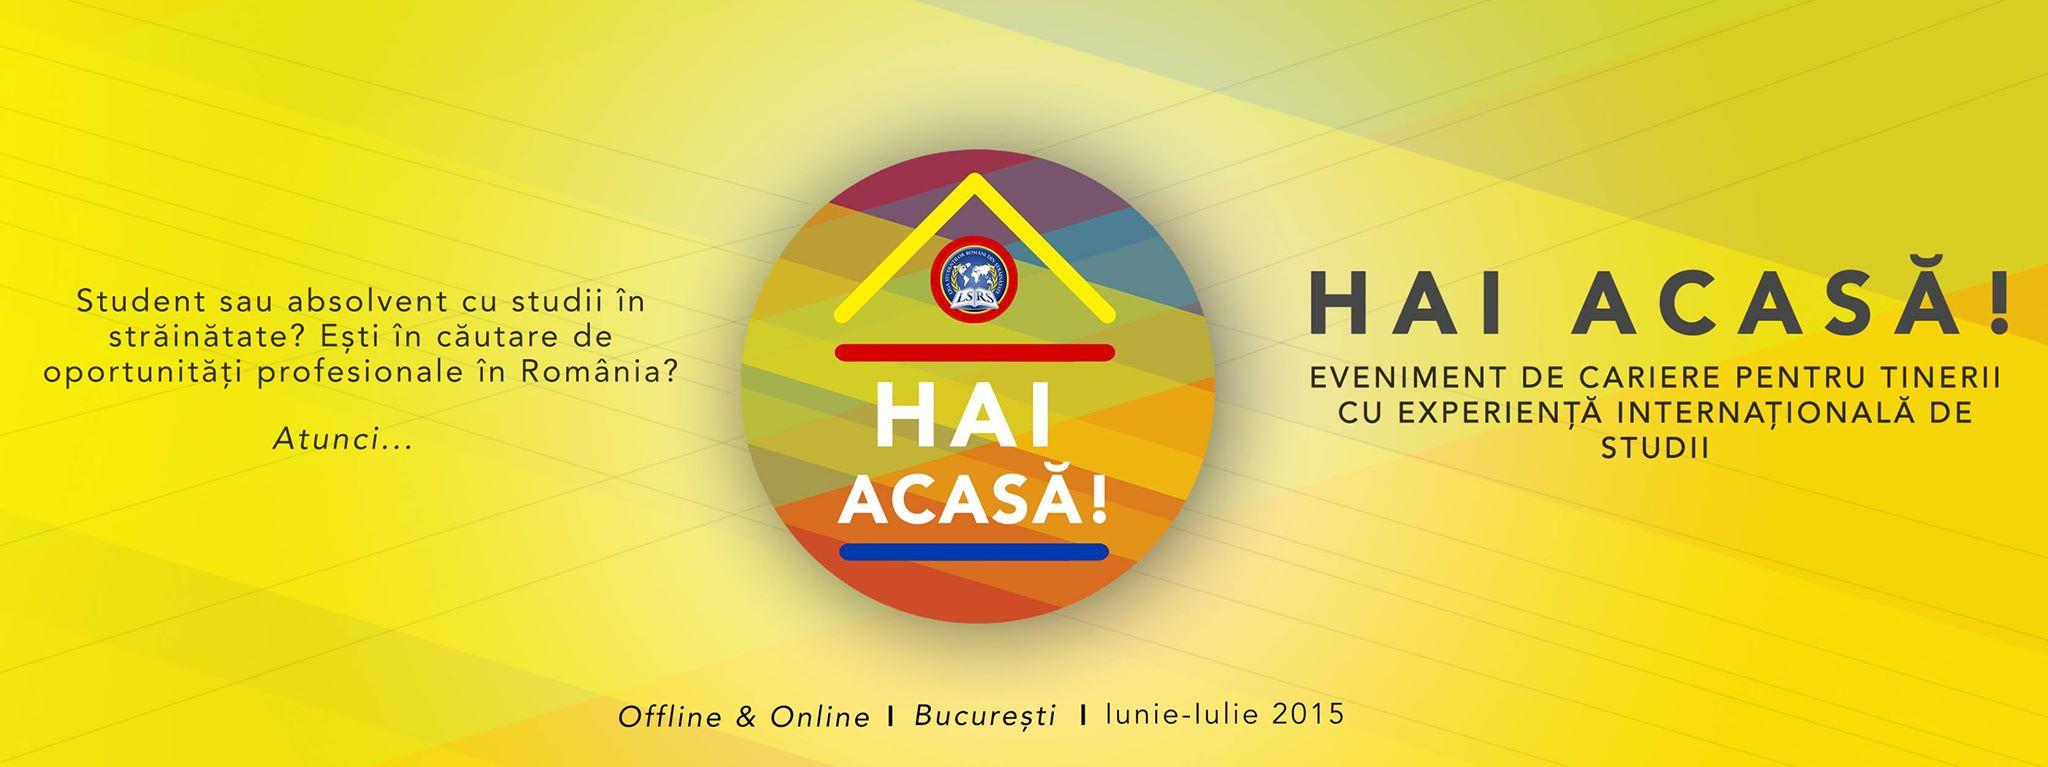 """LSRS lansează a patra ediție a evenimentului de cariere """"Hai Acasă!"""" și BCCSE"""